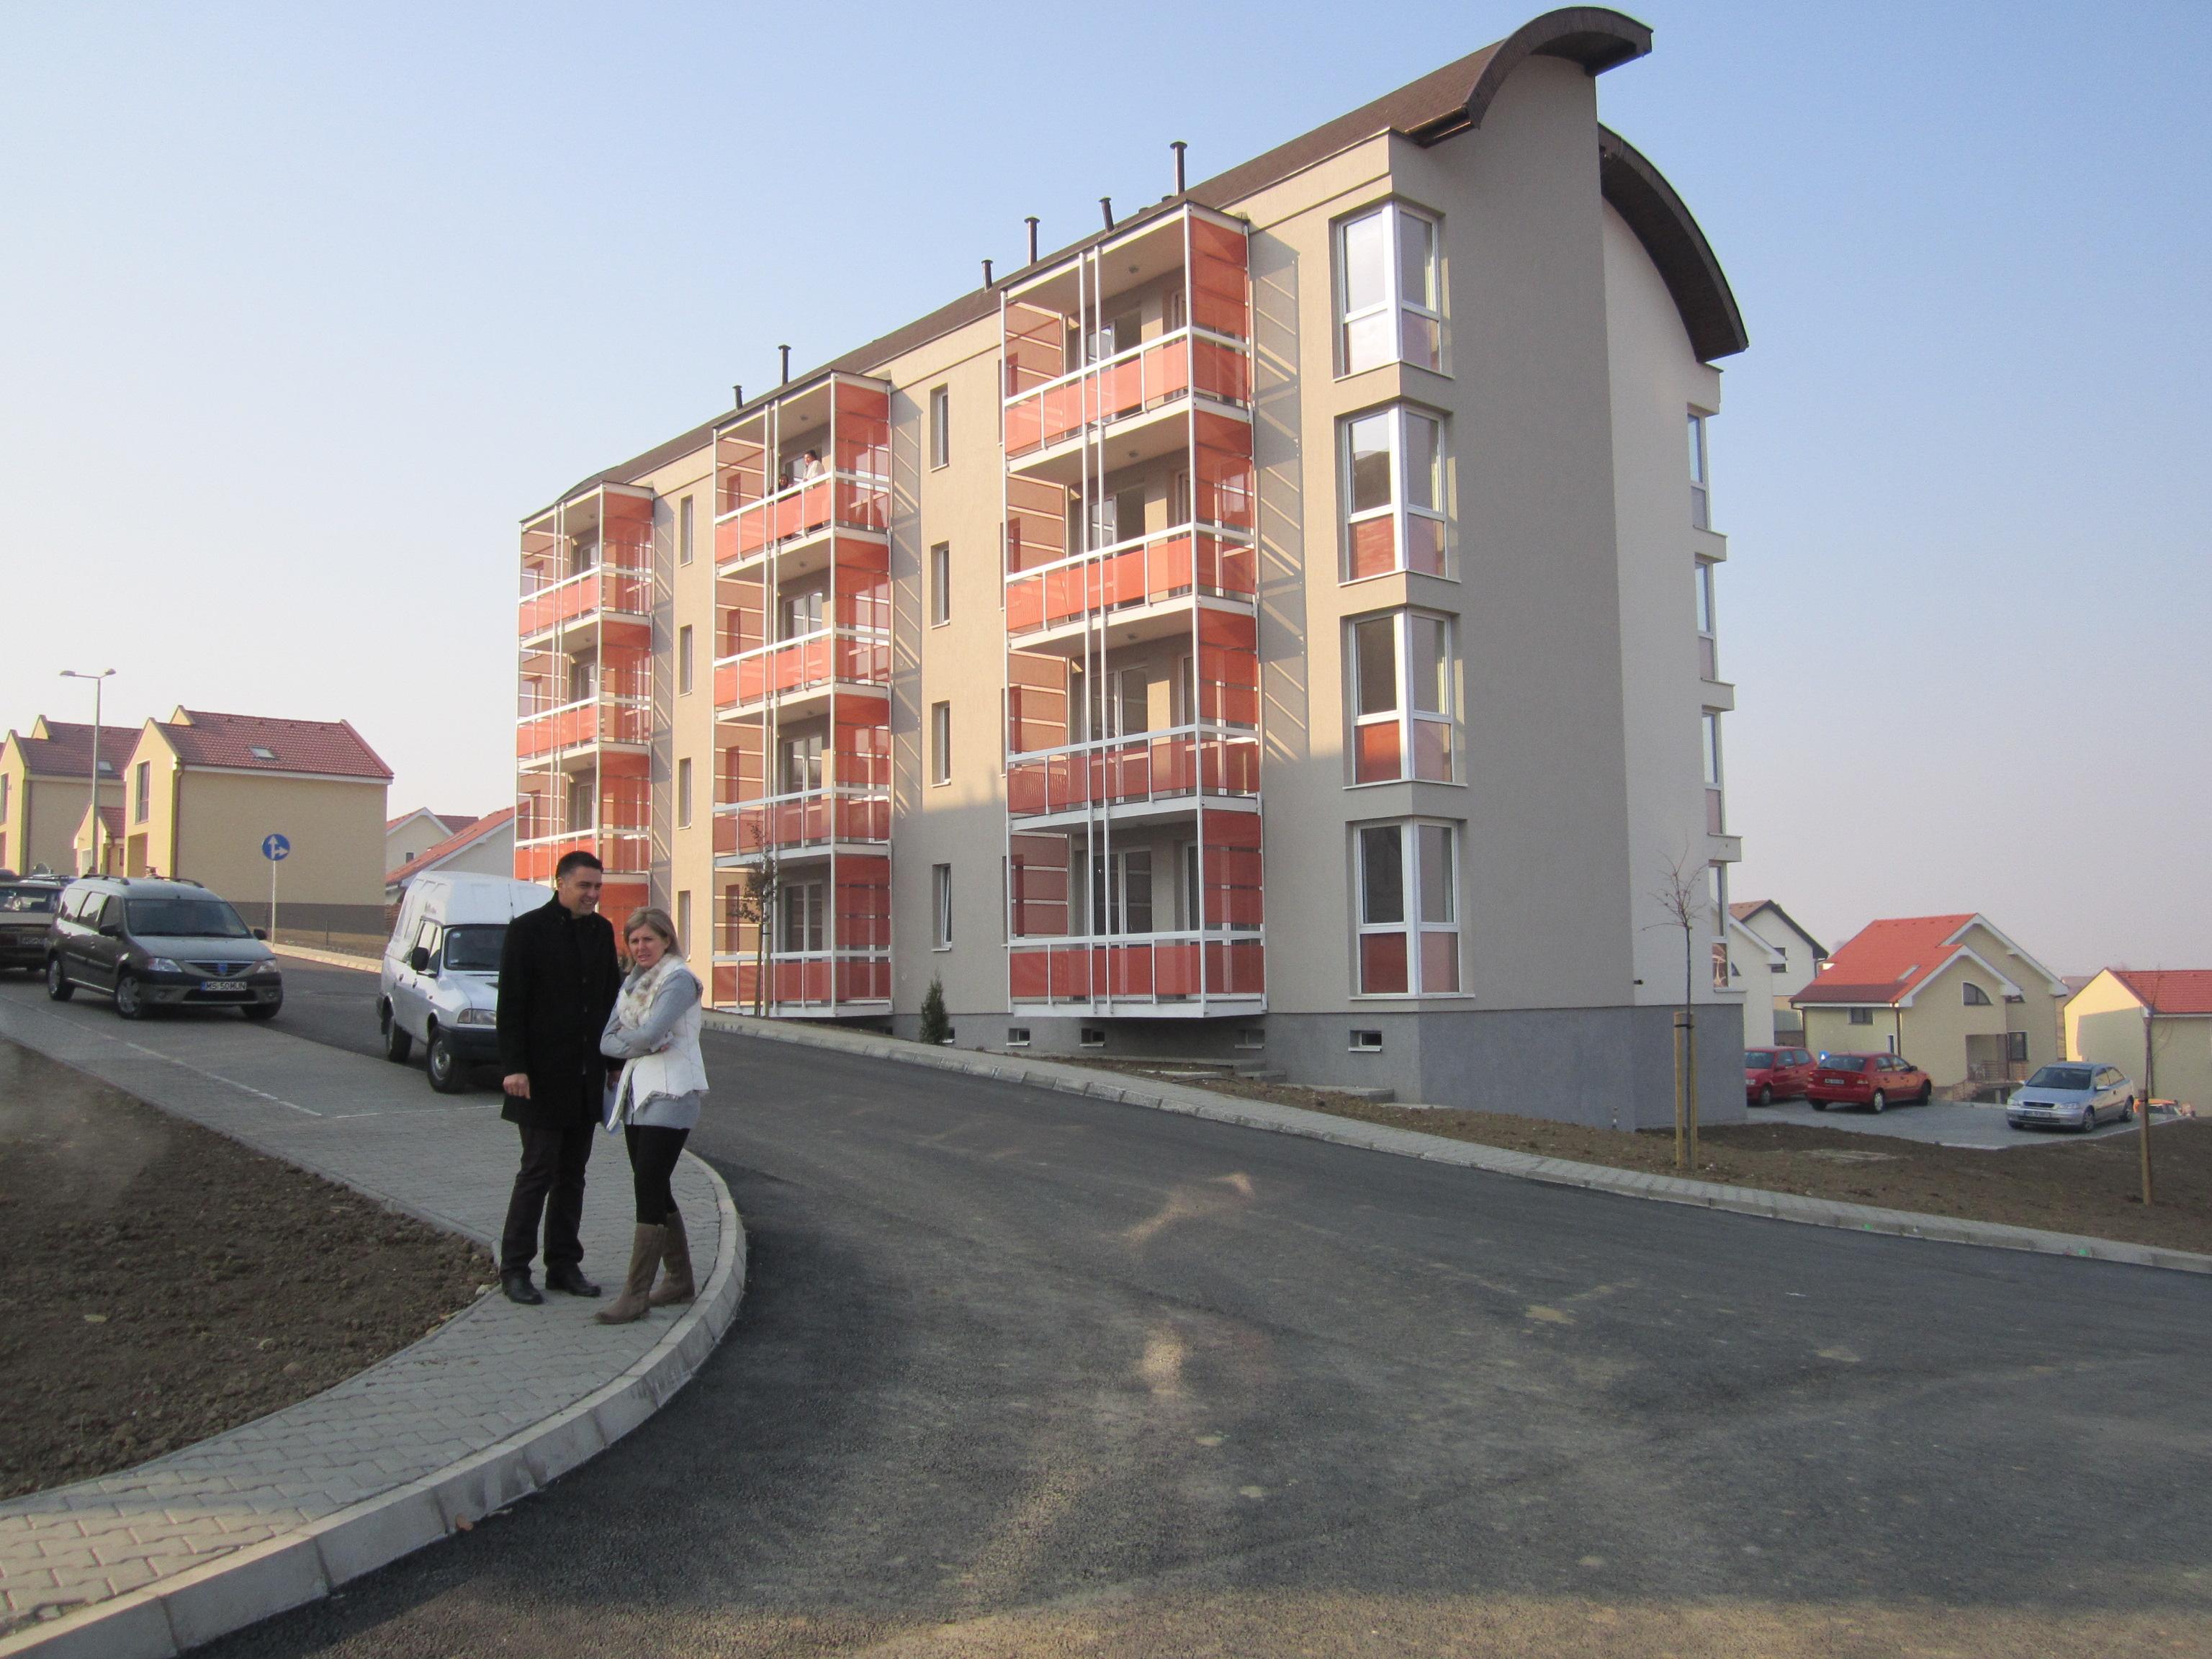 40 de familii din Tîrgu-Mureş au primit astăzi locuinţe în noile blocuri ANL din Cartierul Belvedere.